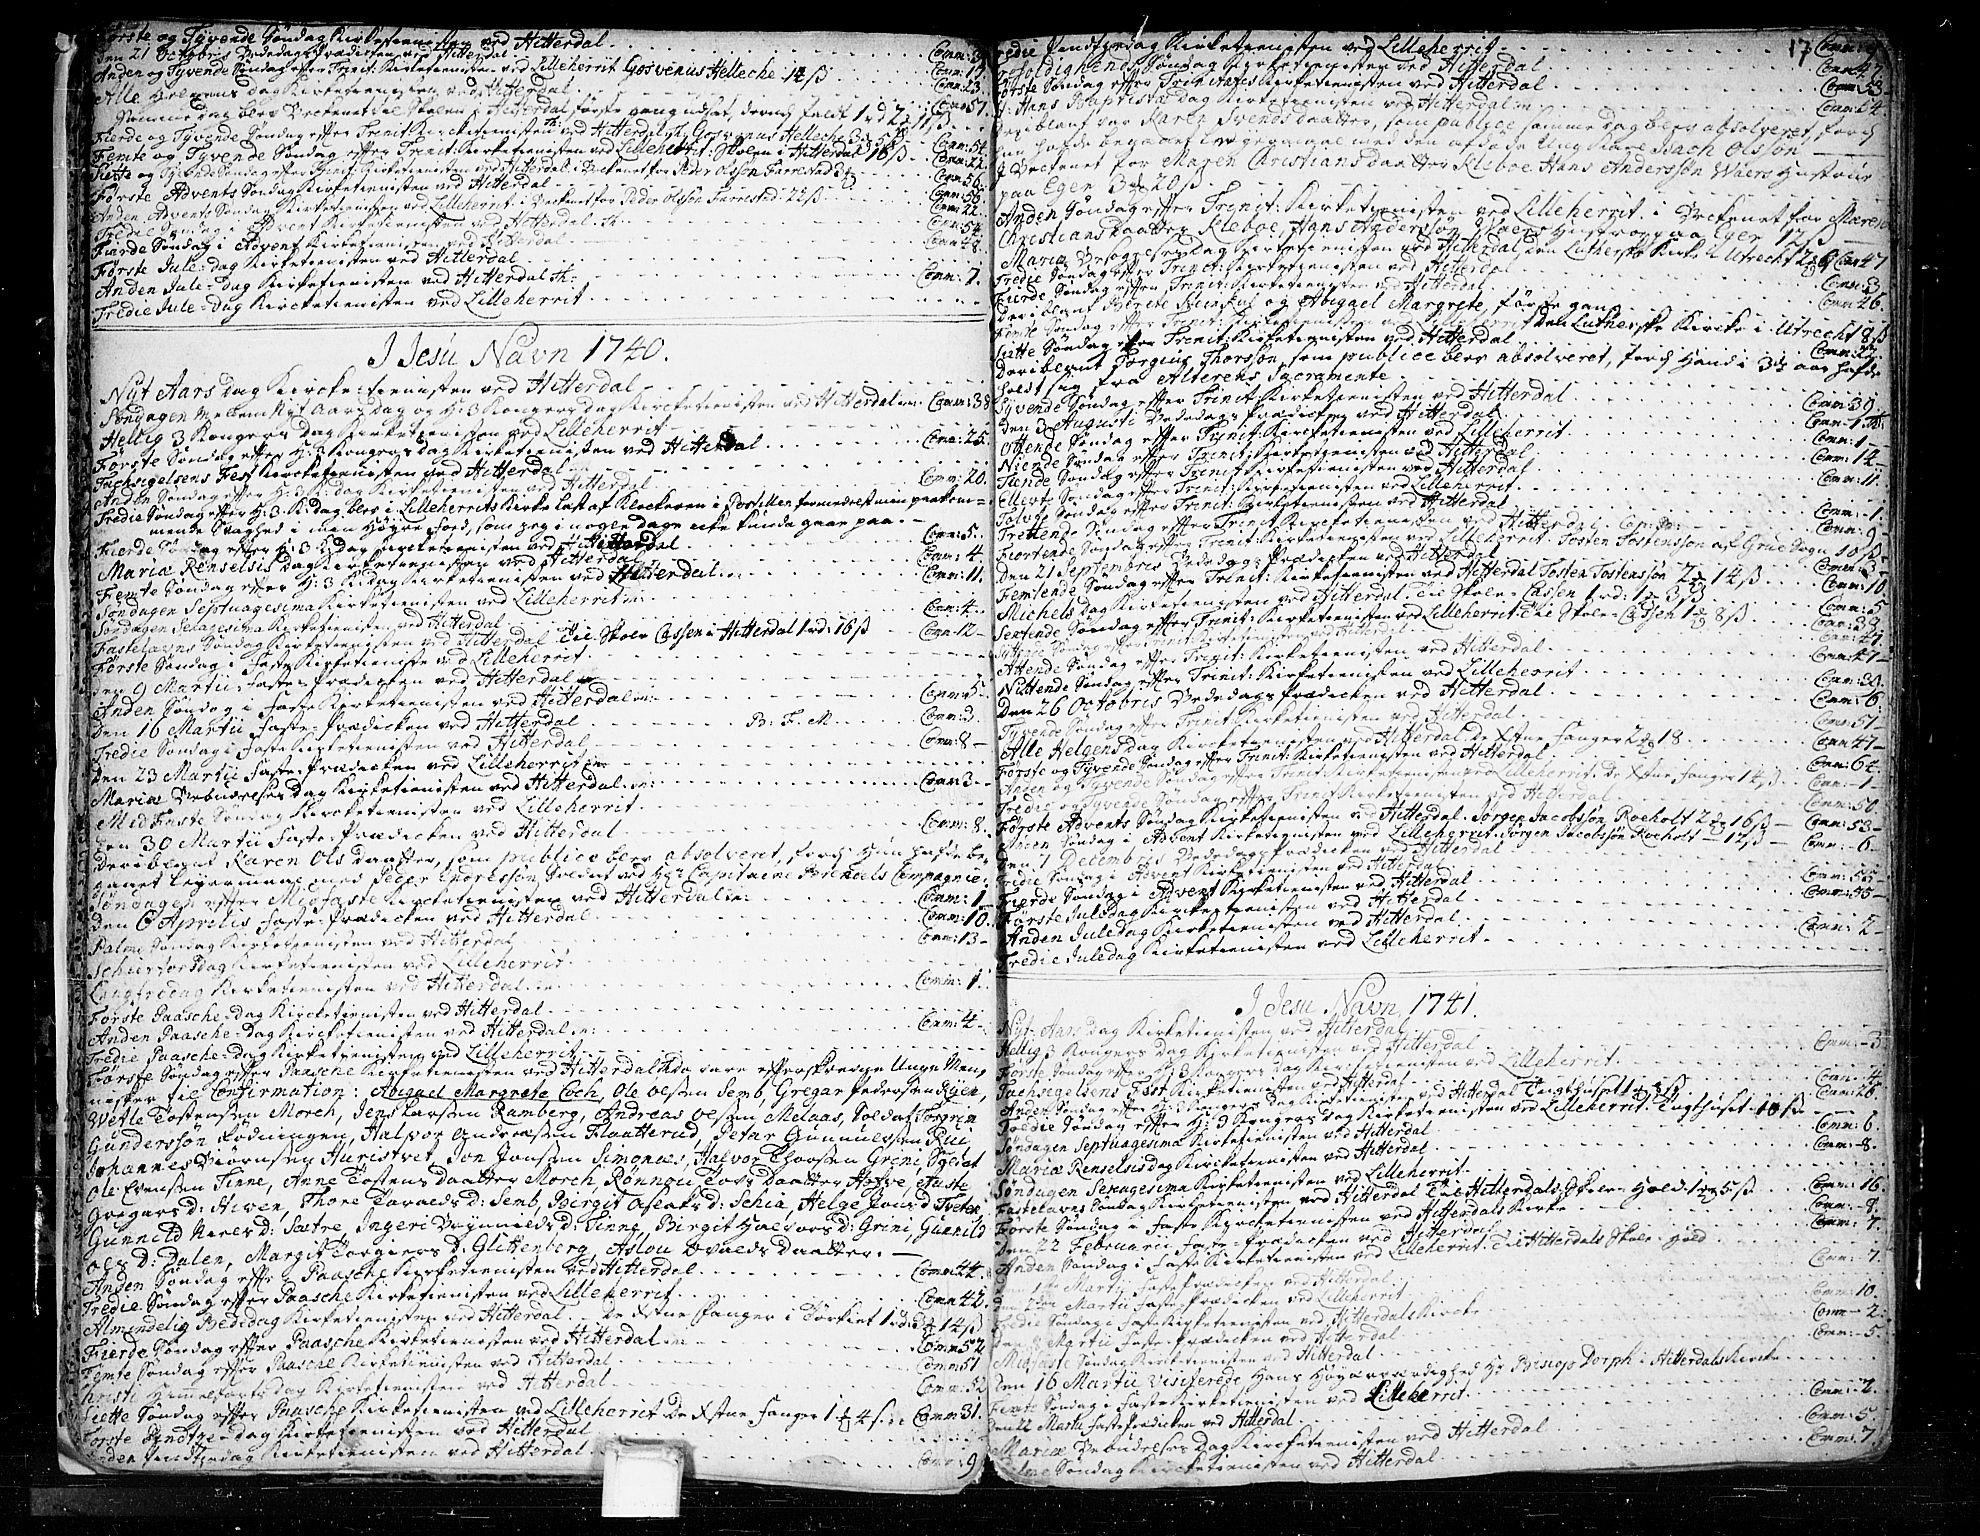 SAKO, Heddal kirkebøker, F/Fa/L0003: Ministerialbok nr. I 3, 1723-1783, s. 17